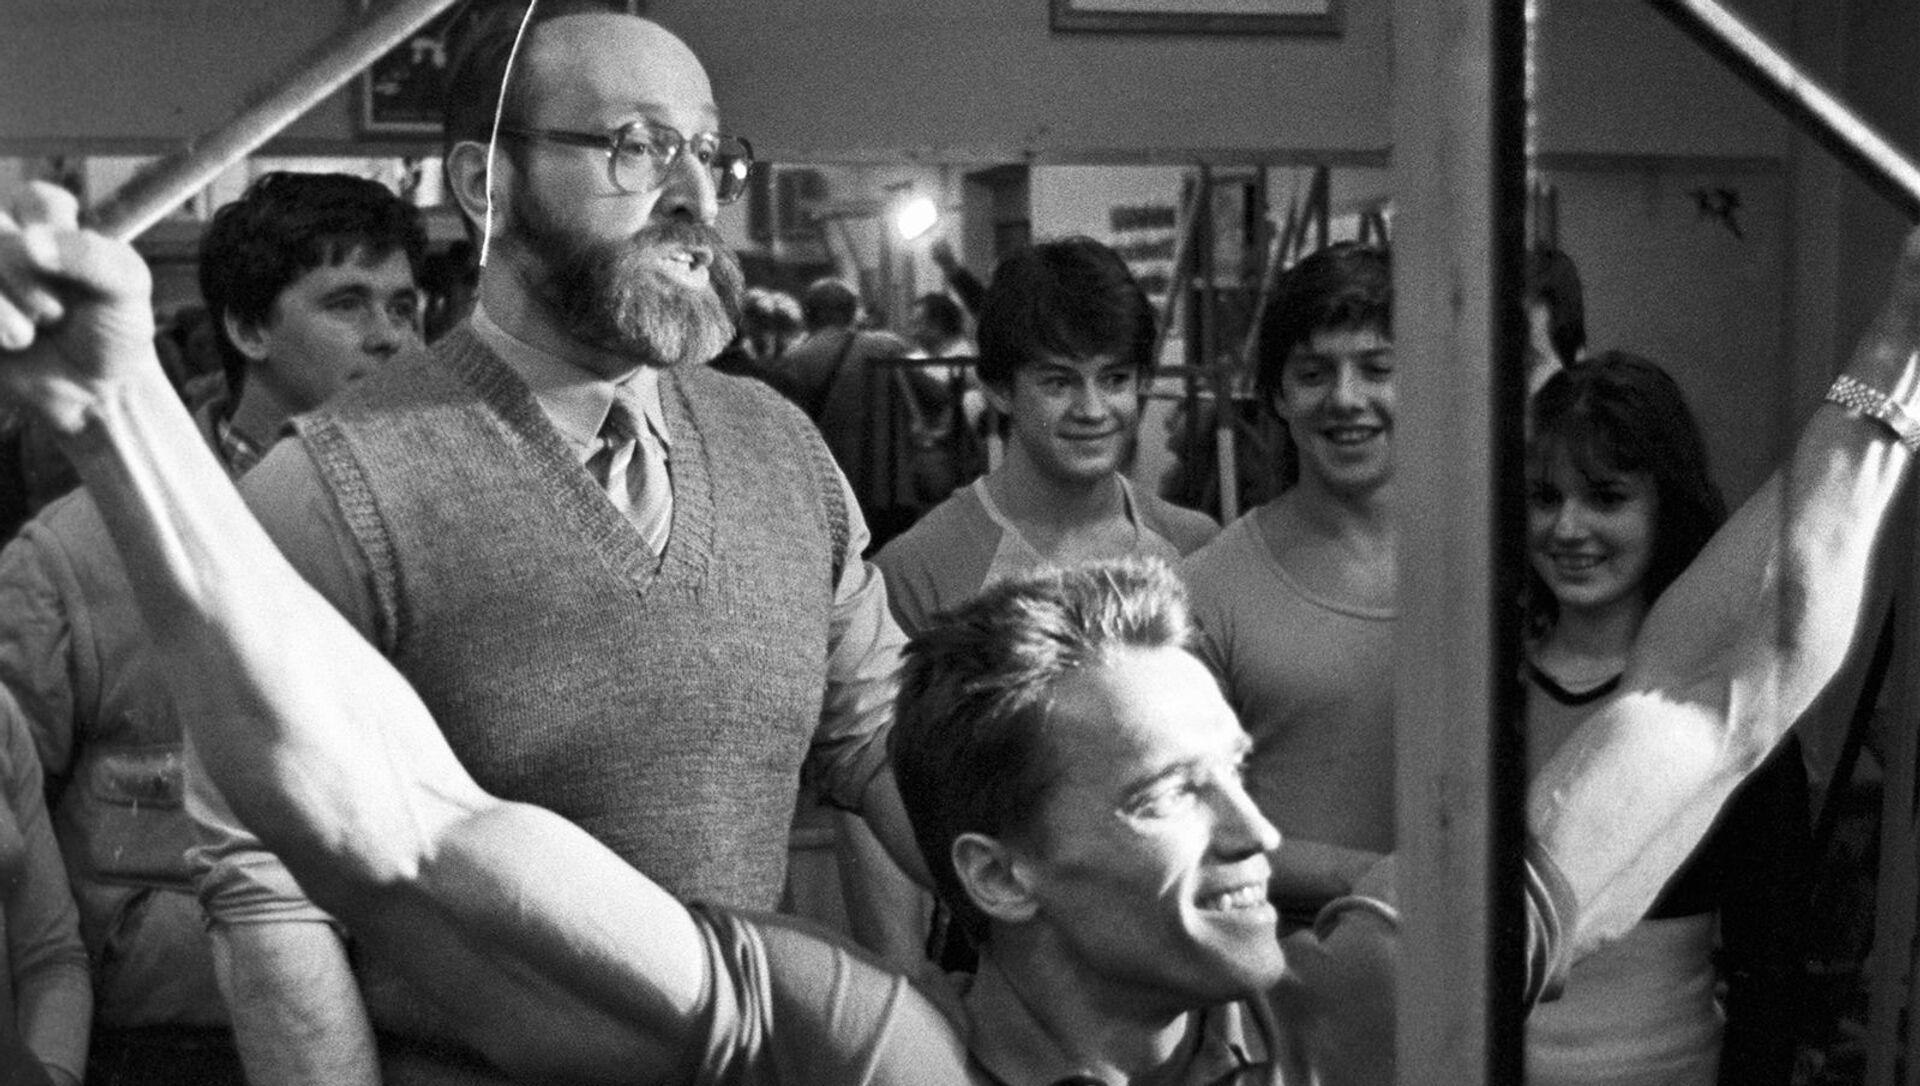 Актер и культурист Арнольд Шварценеггер встретился со своим кумиром Юрием Власовым (20 февраля 1988). Москвa - Sputnik Армения, 1920, 15.02.2021